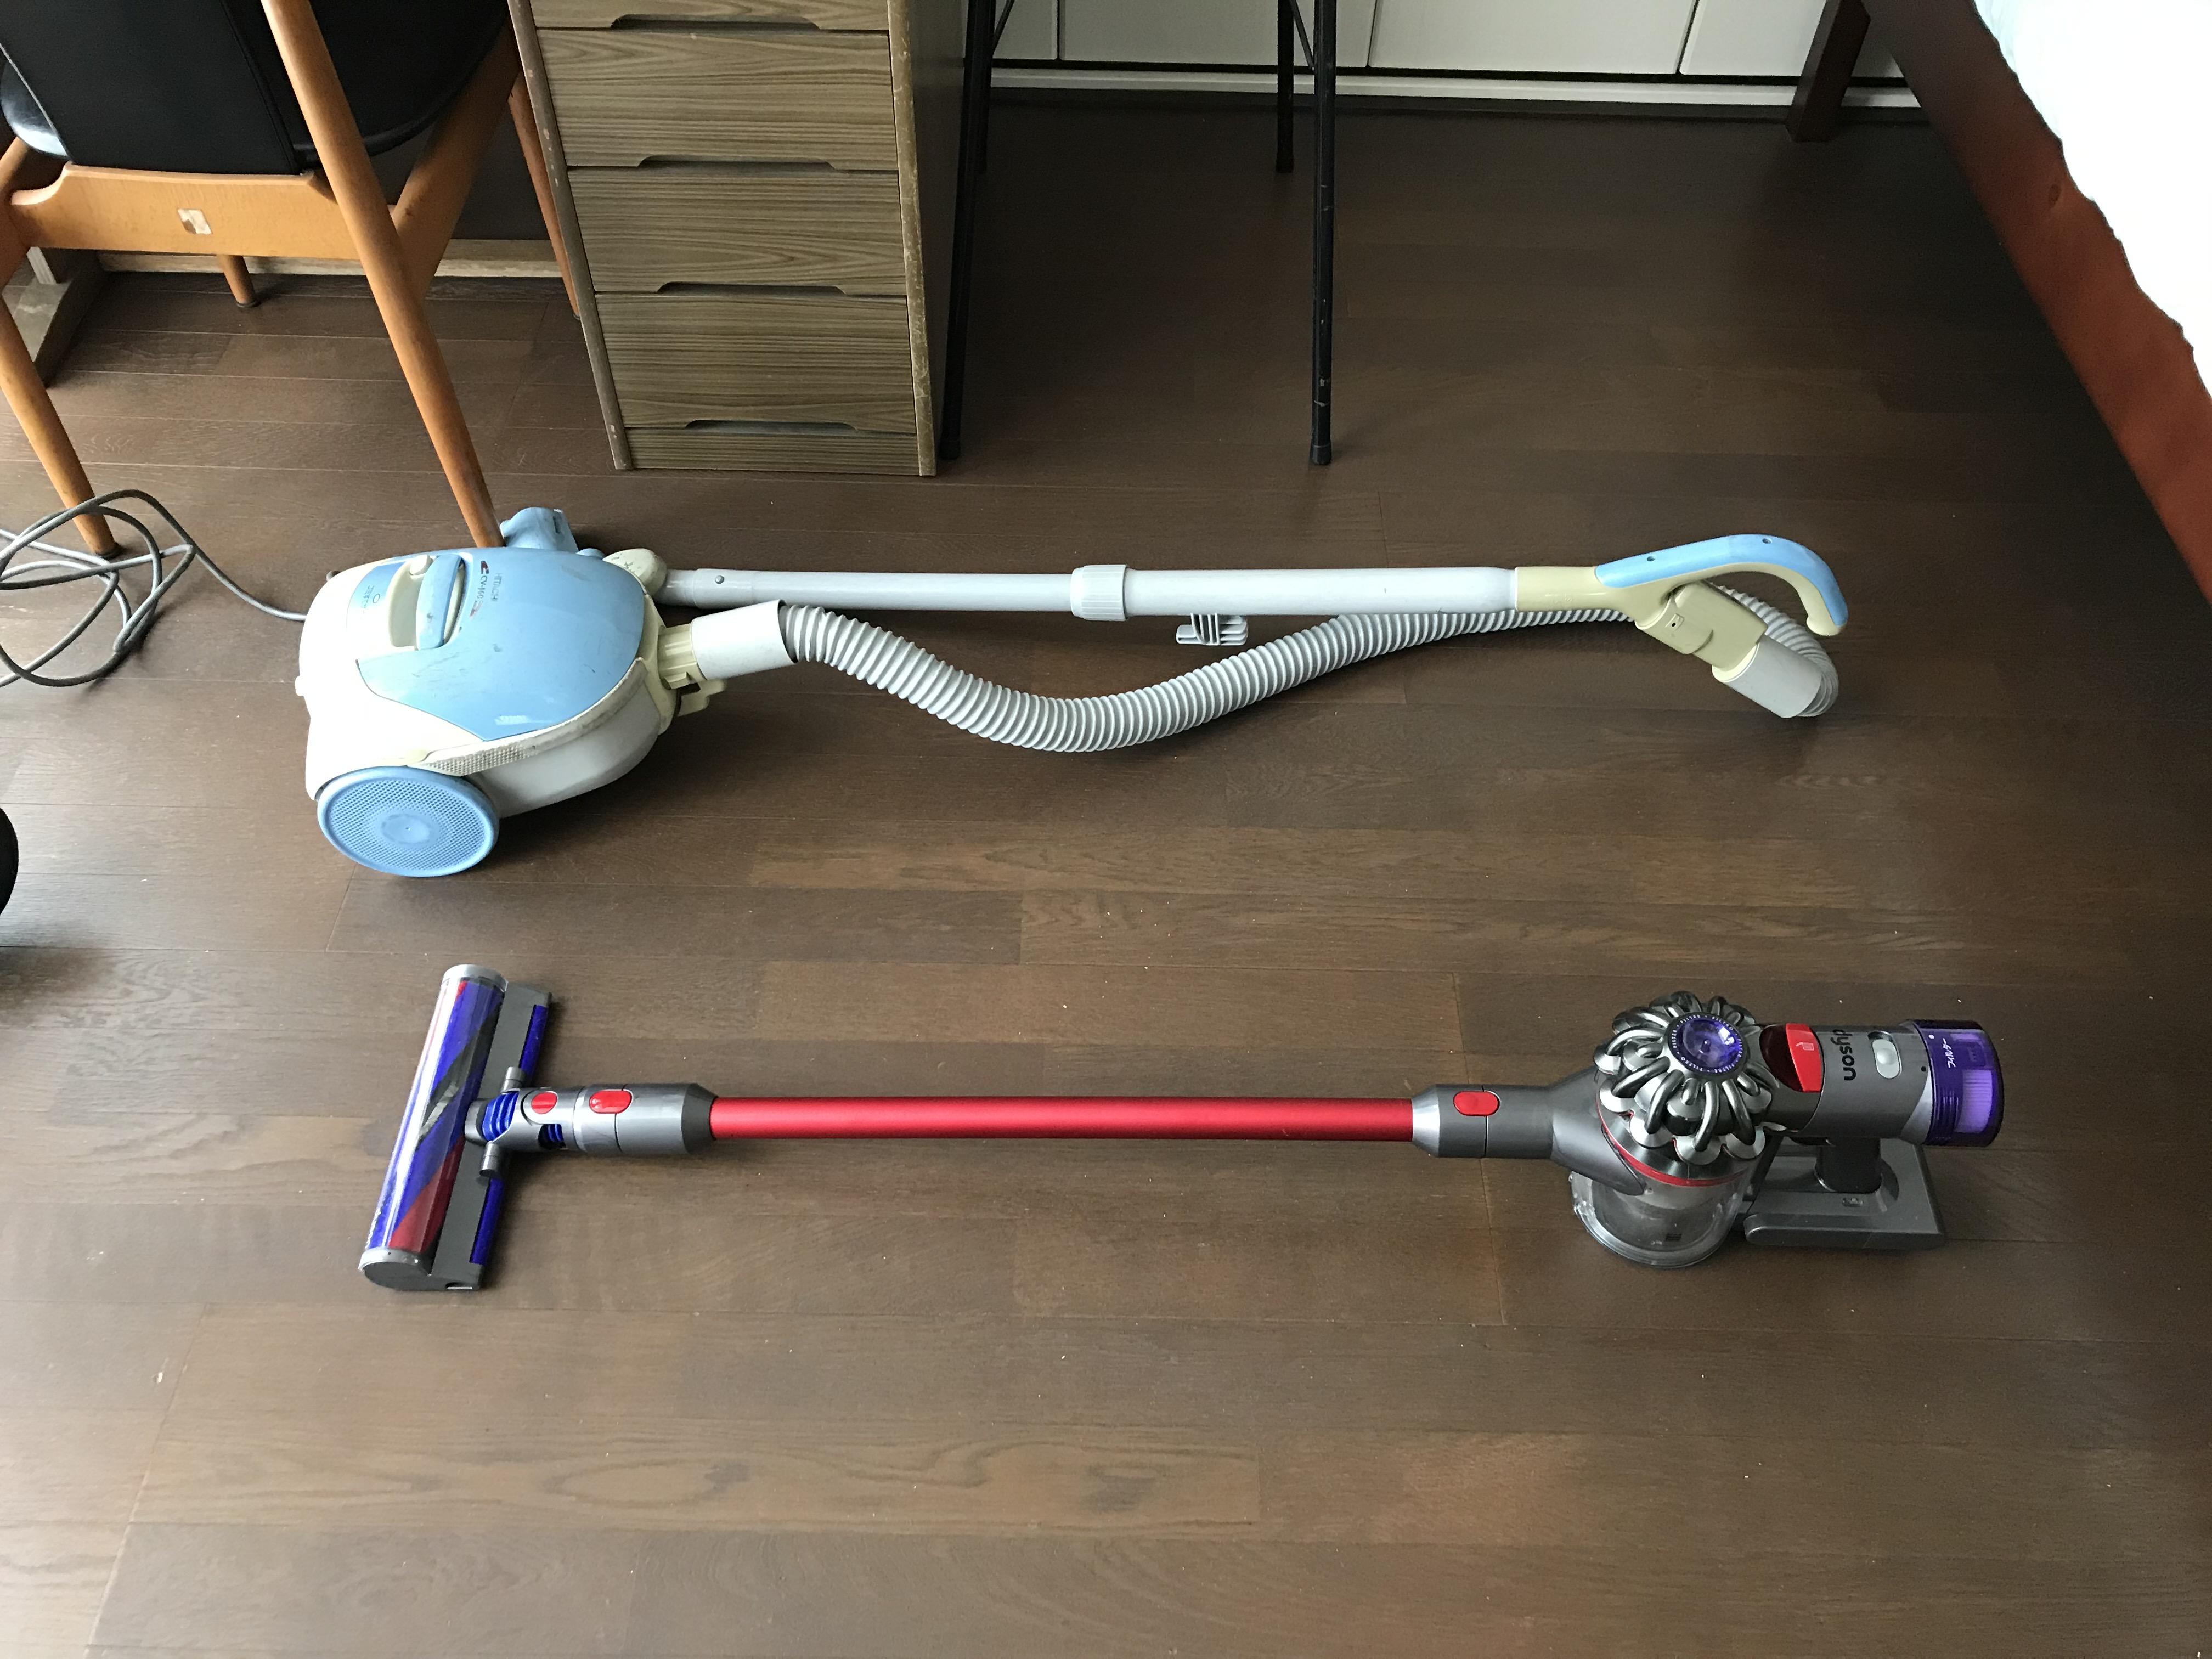 普段使用している掃除機とダイソンクリーナーの比較